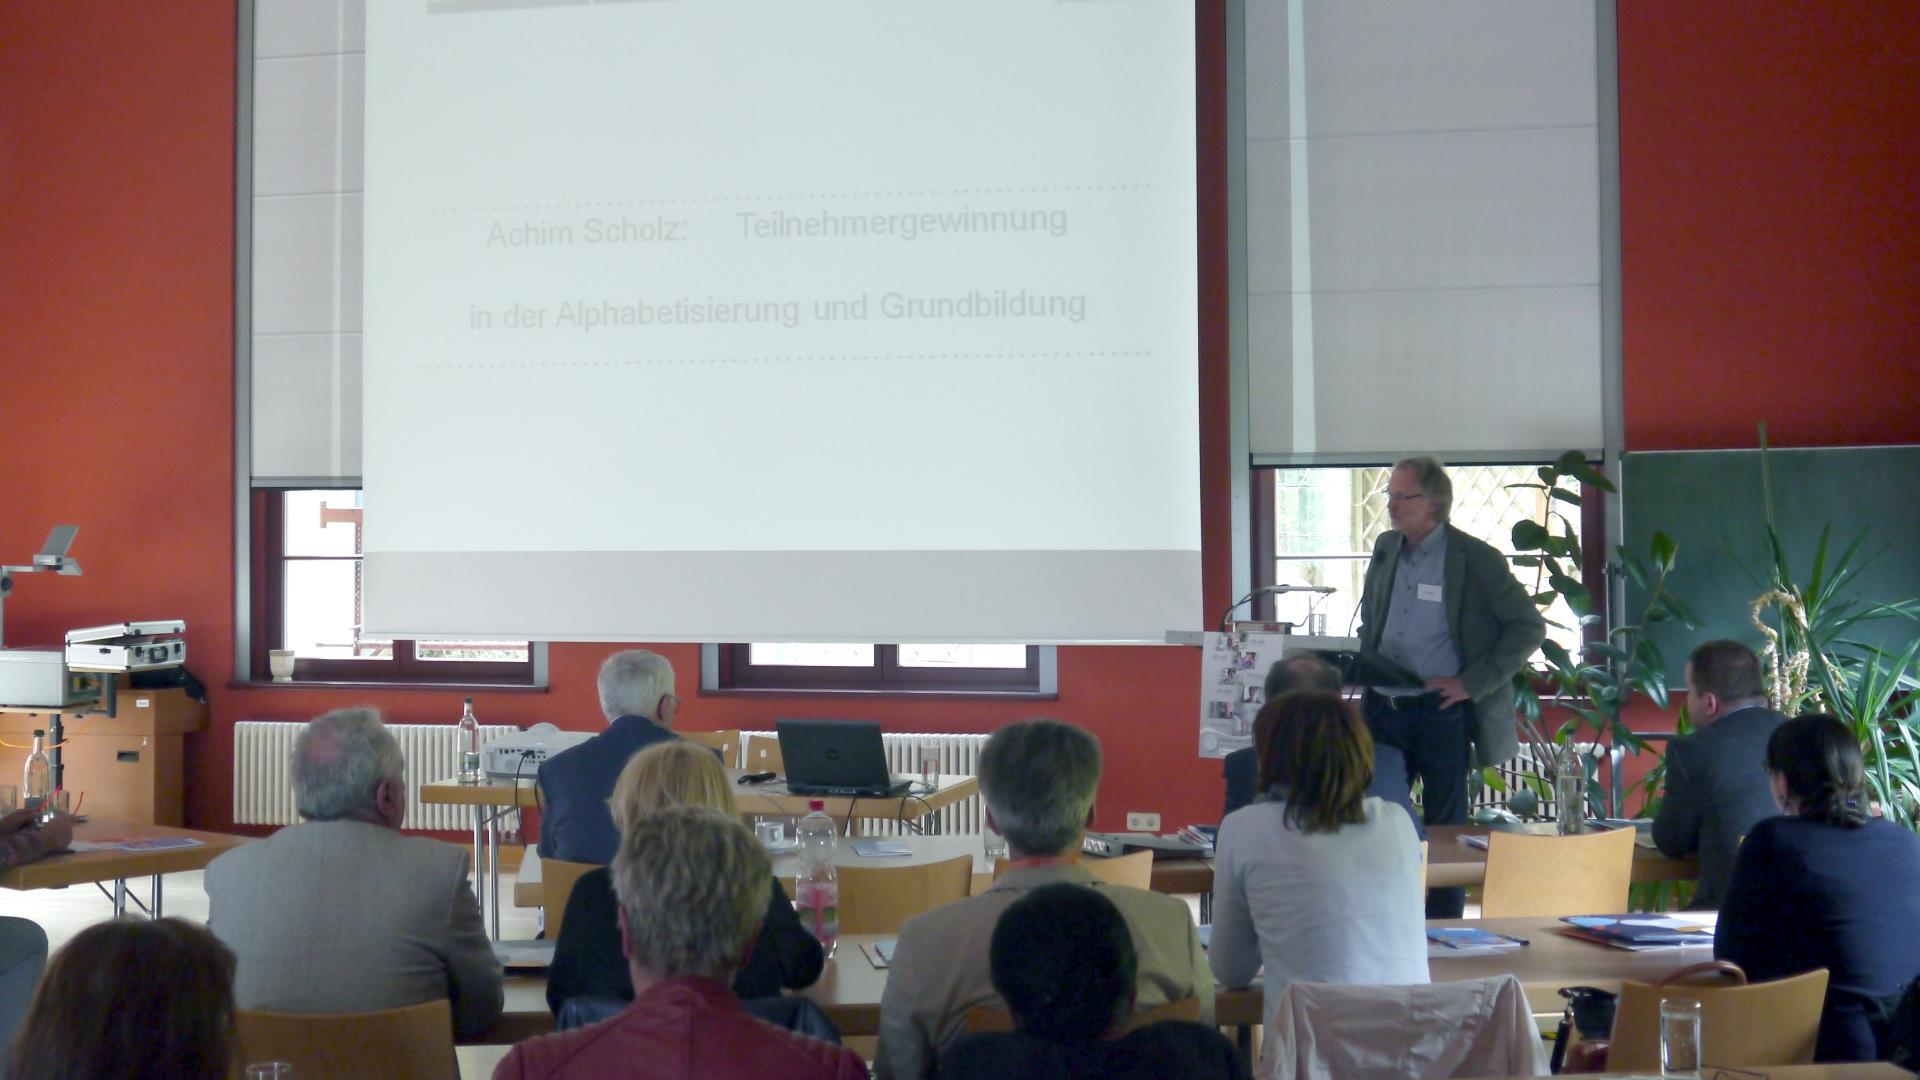 Achim Scholz referierte zu seinen Erfahrungen in der Teilnehmergewinnung.